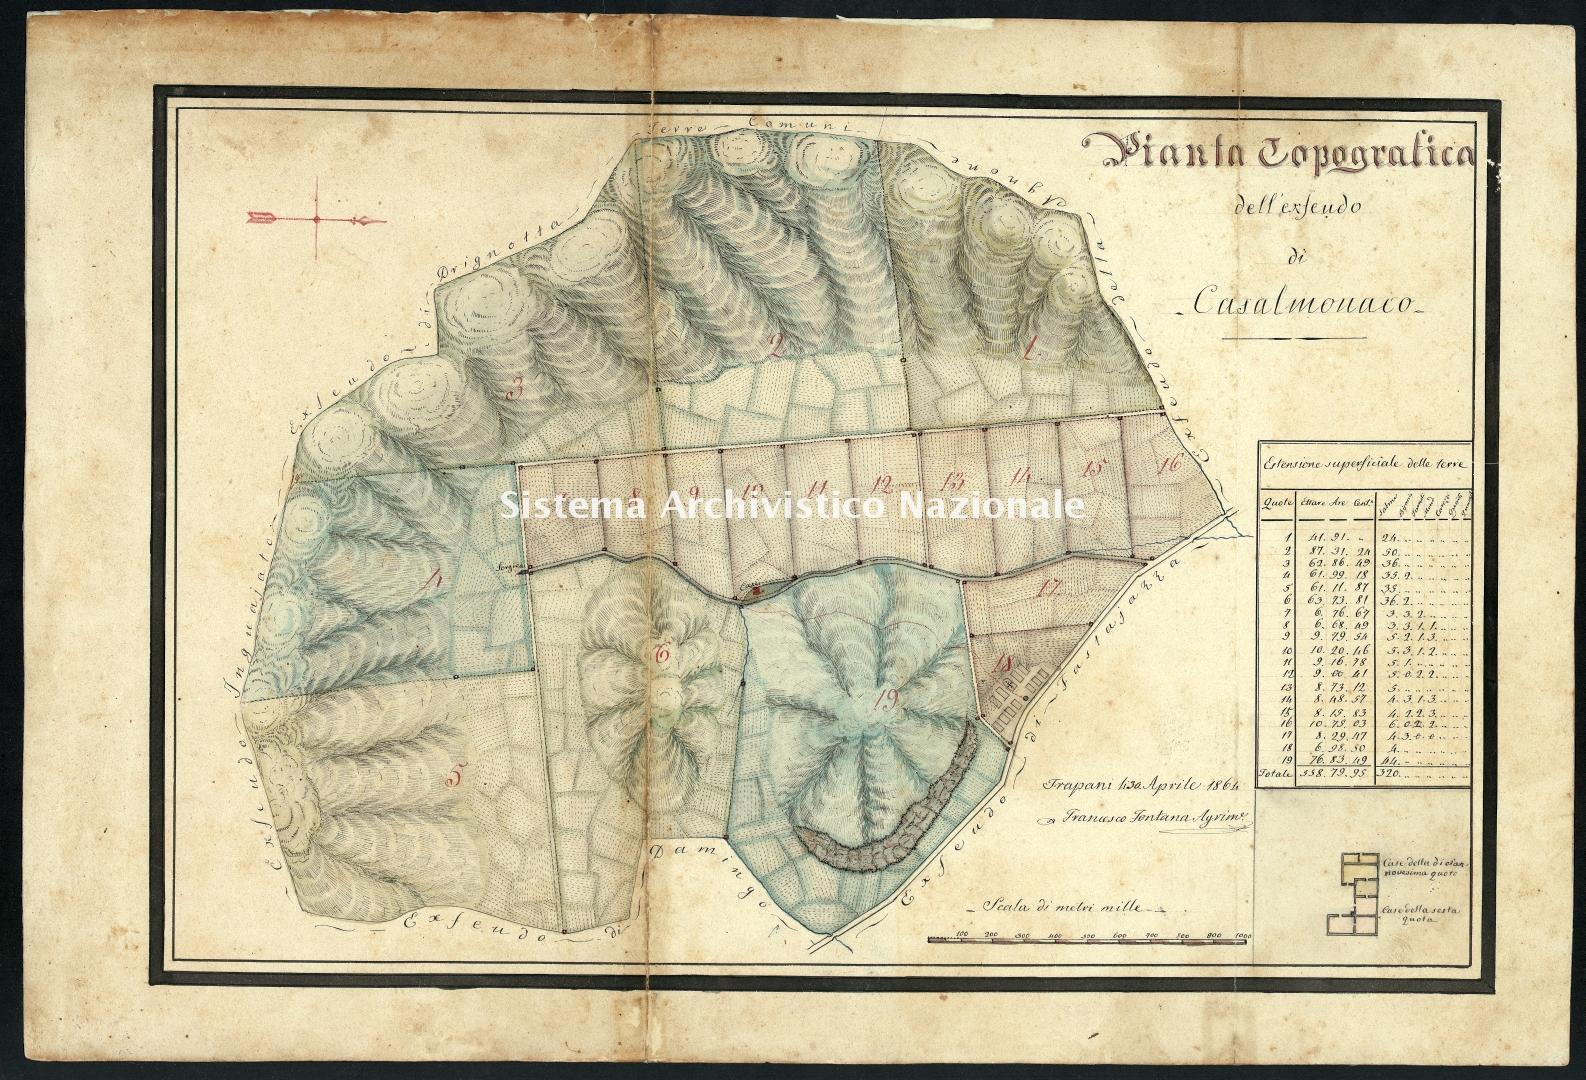 Archivio di Stato di Trapani, Commissione per l'Enfiteusi dei Beni Rurali Ecclesiastici, Vol. 10 Fasc. 70, carta 29.